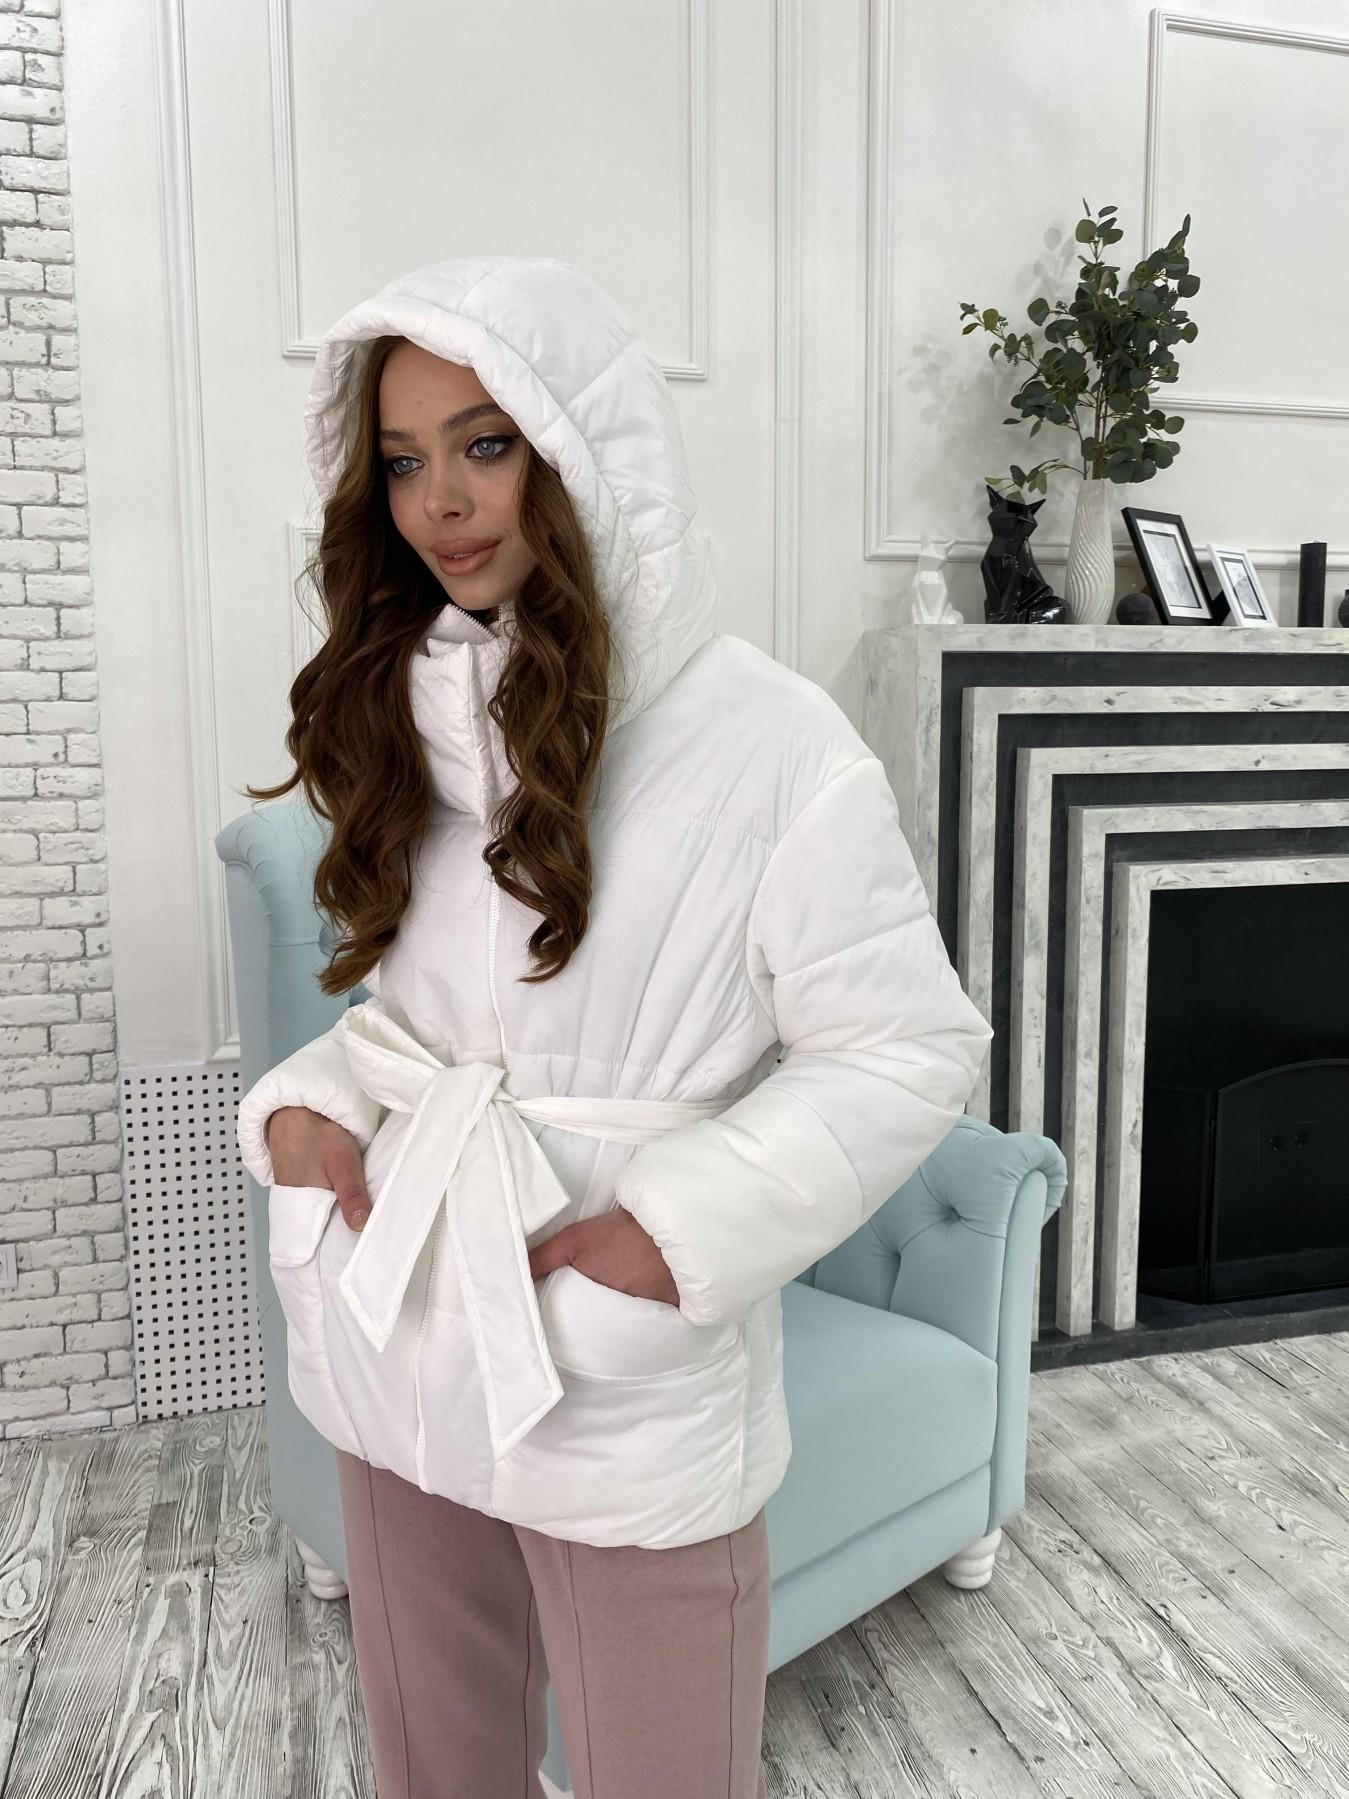 Док куртка из  плащевки Ammy 10822 АРТ. 47311 Цвет: Белый - фото 3, интернет магазин tm-modus.ru